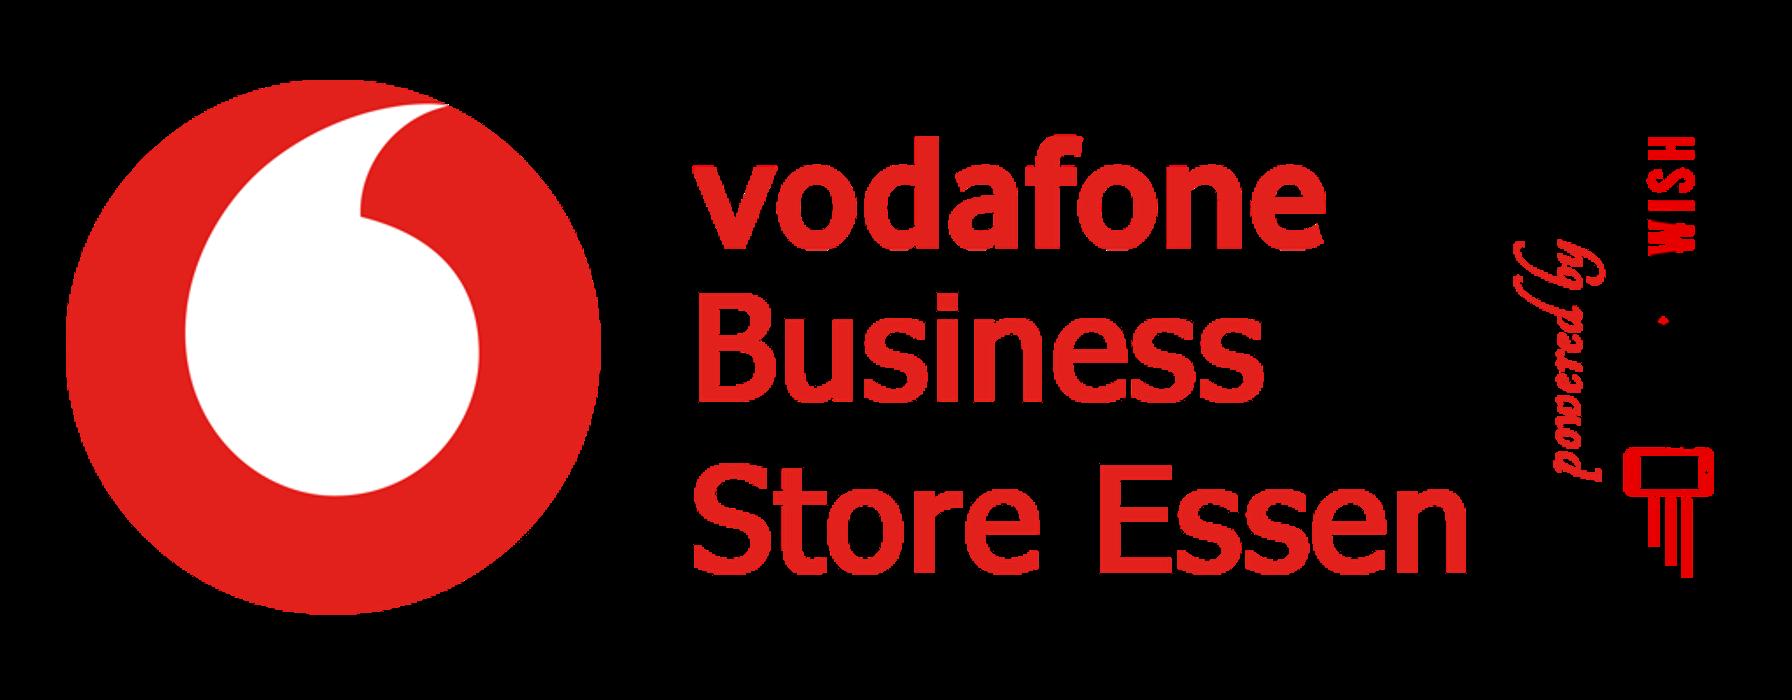 Vodafone Business Store Essen Borbeck in Essen